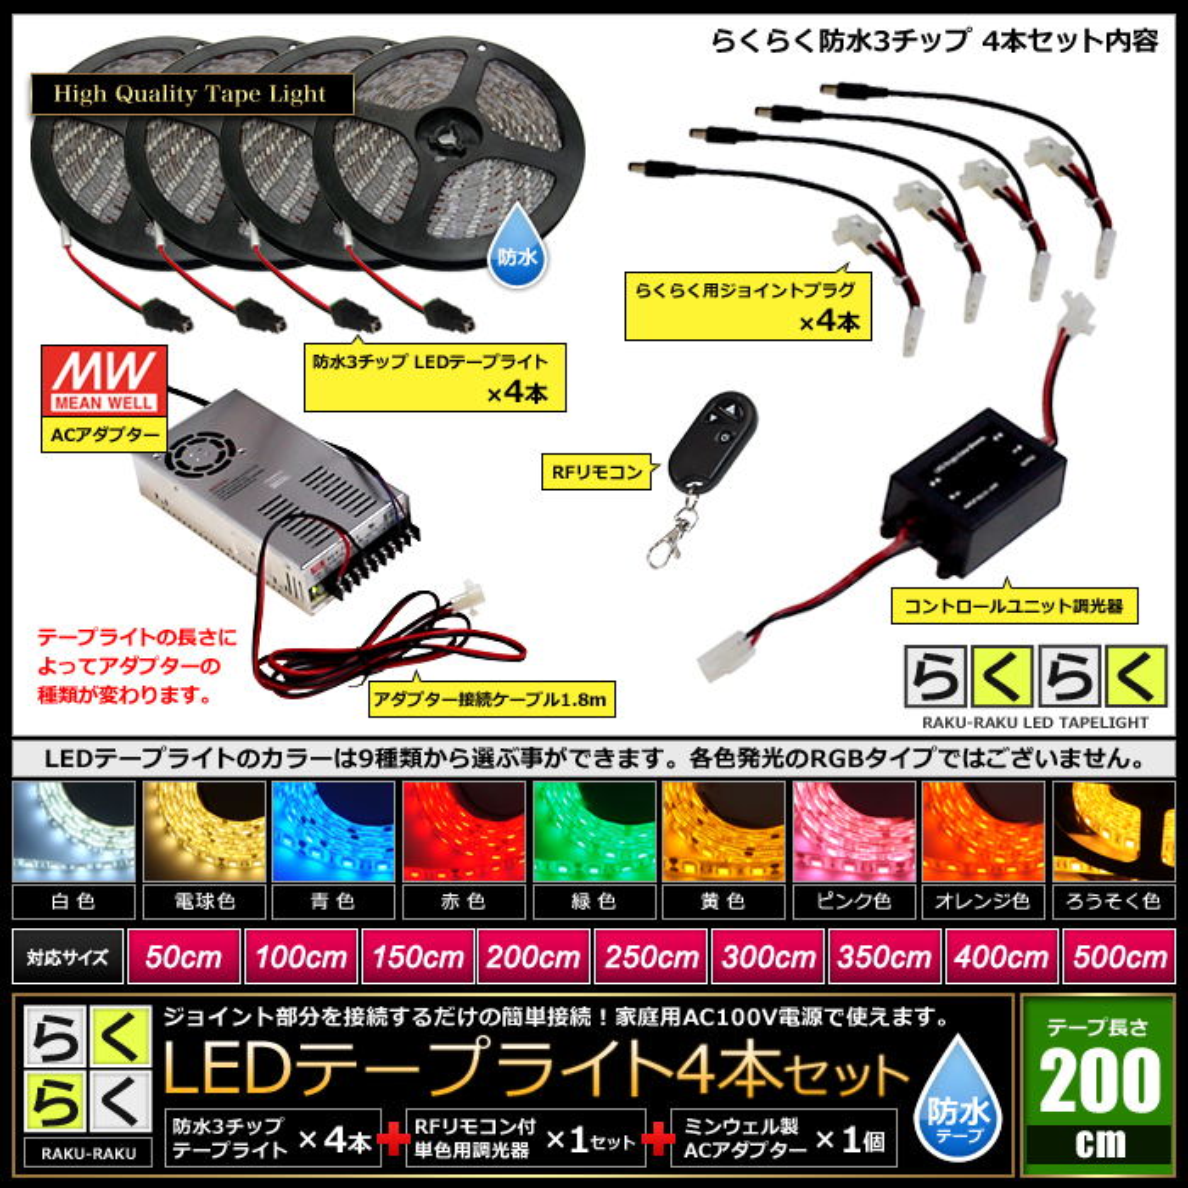 【らくらく200cm×4本セット】 防水3チップ LEDテープライト(RoHS対応) +調光器+対応アダプター付き